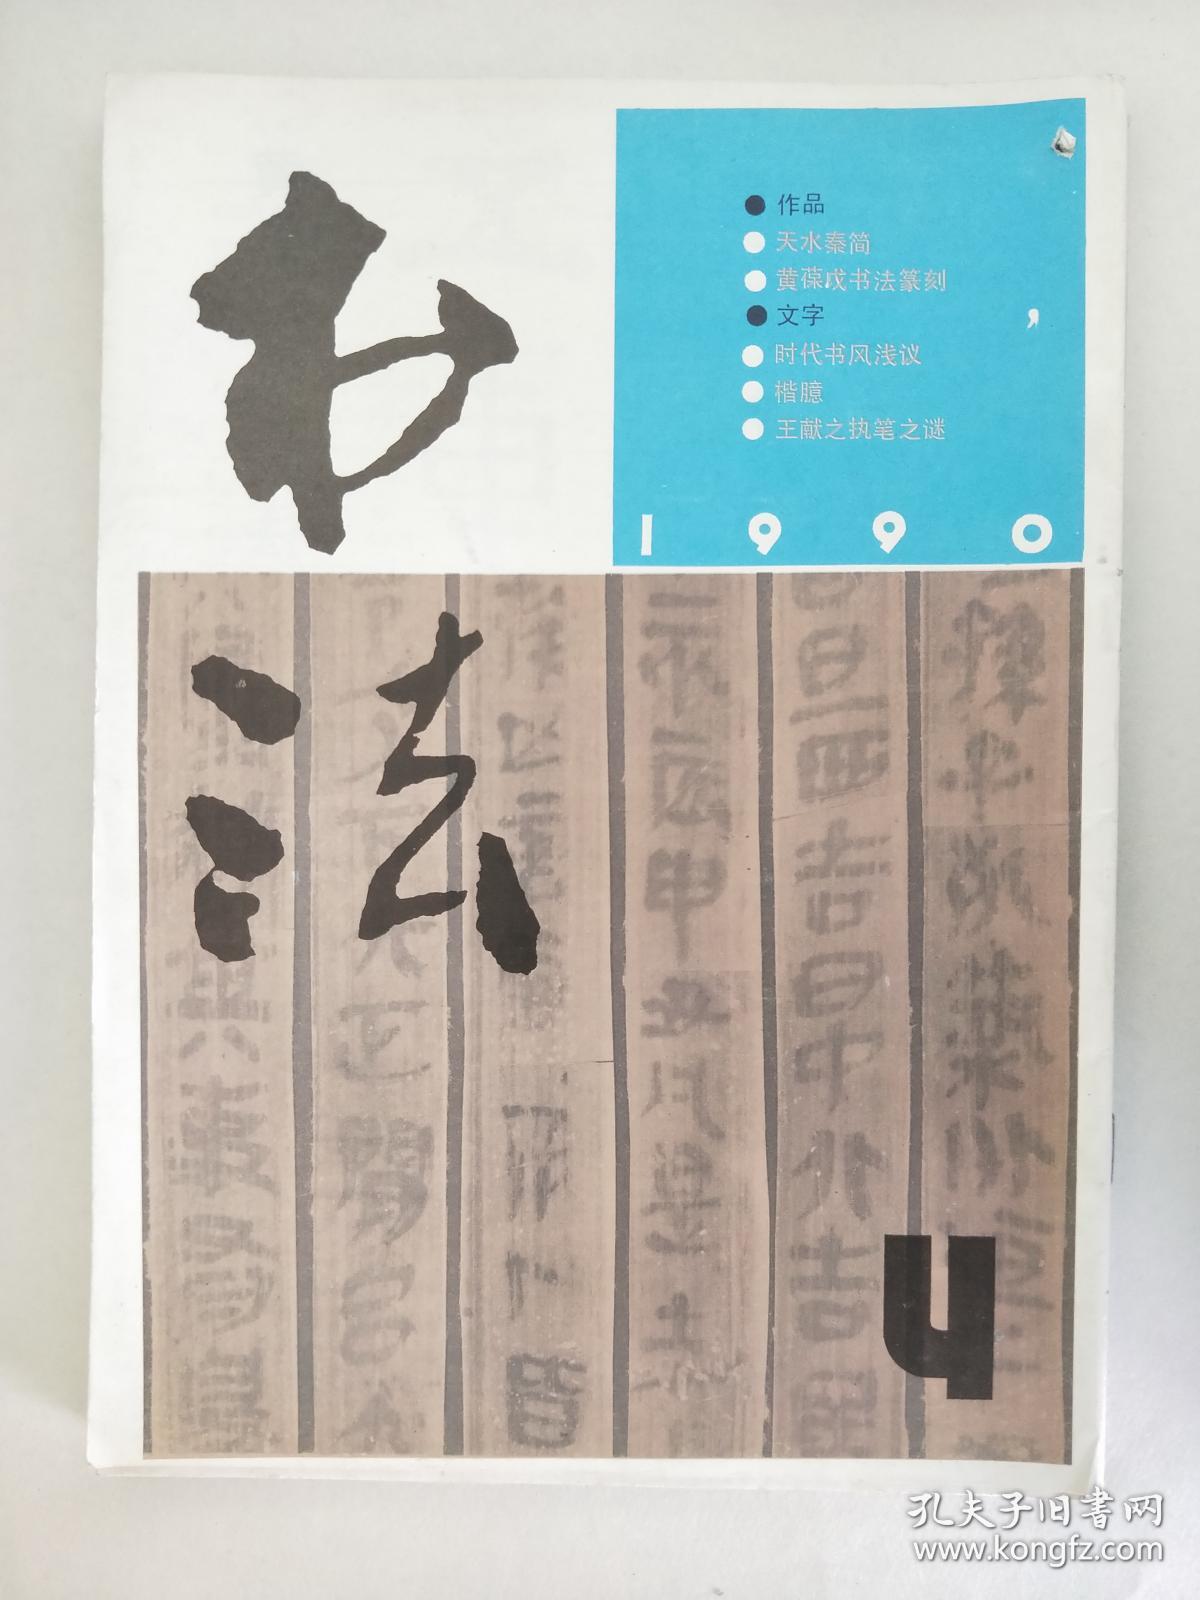 《中国书法》杂志 4元1本